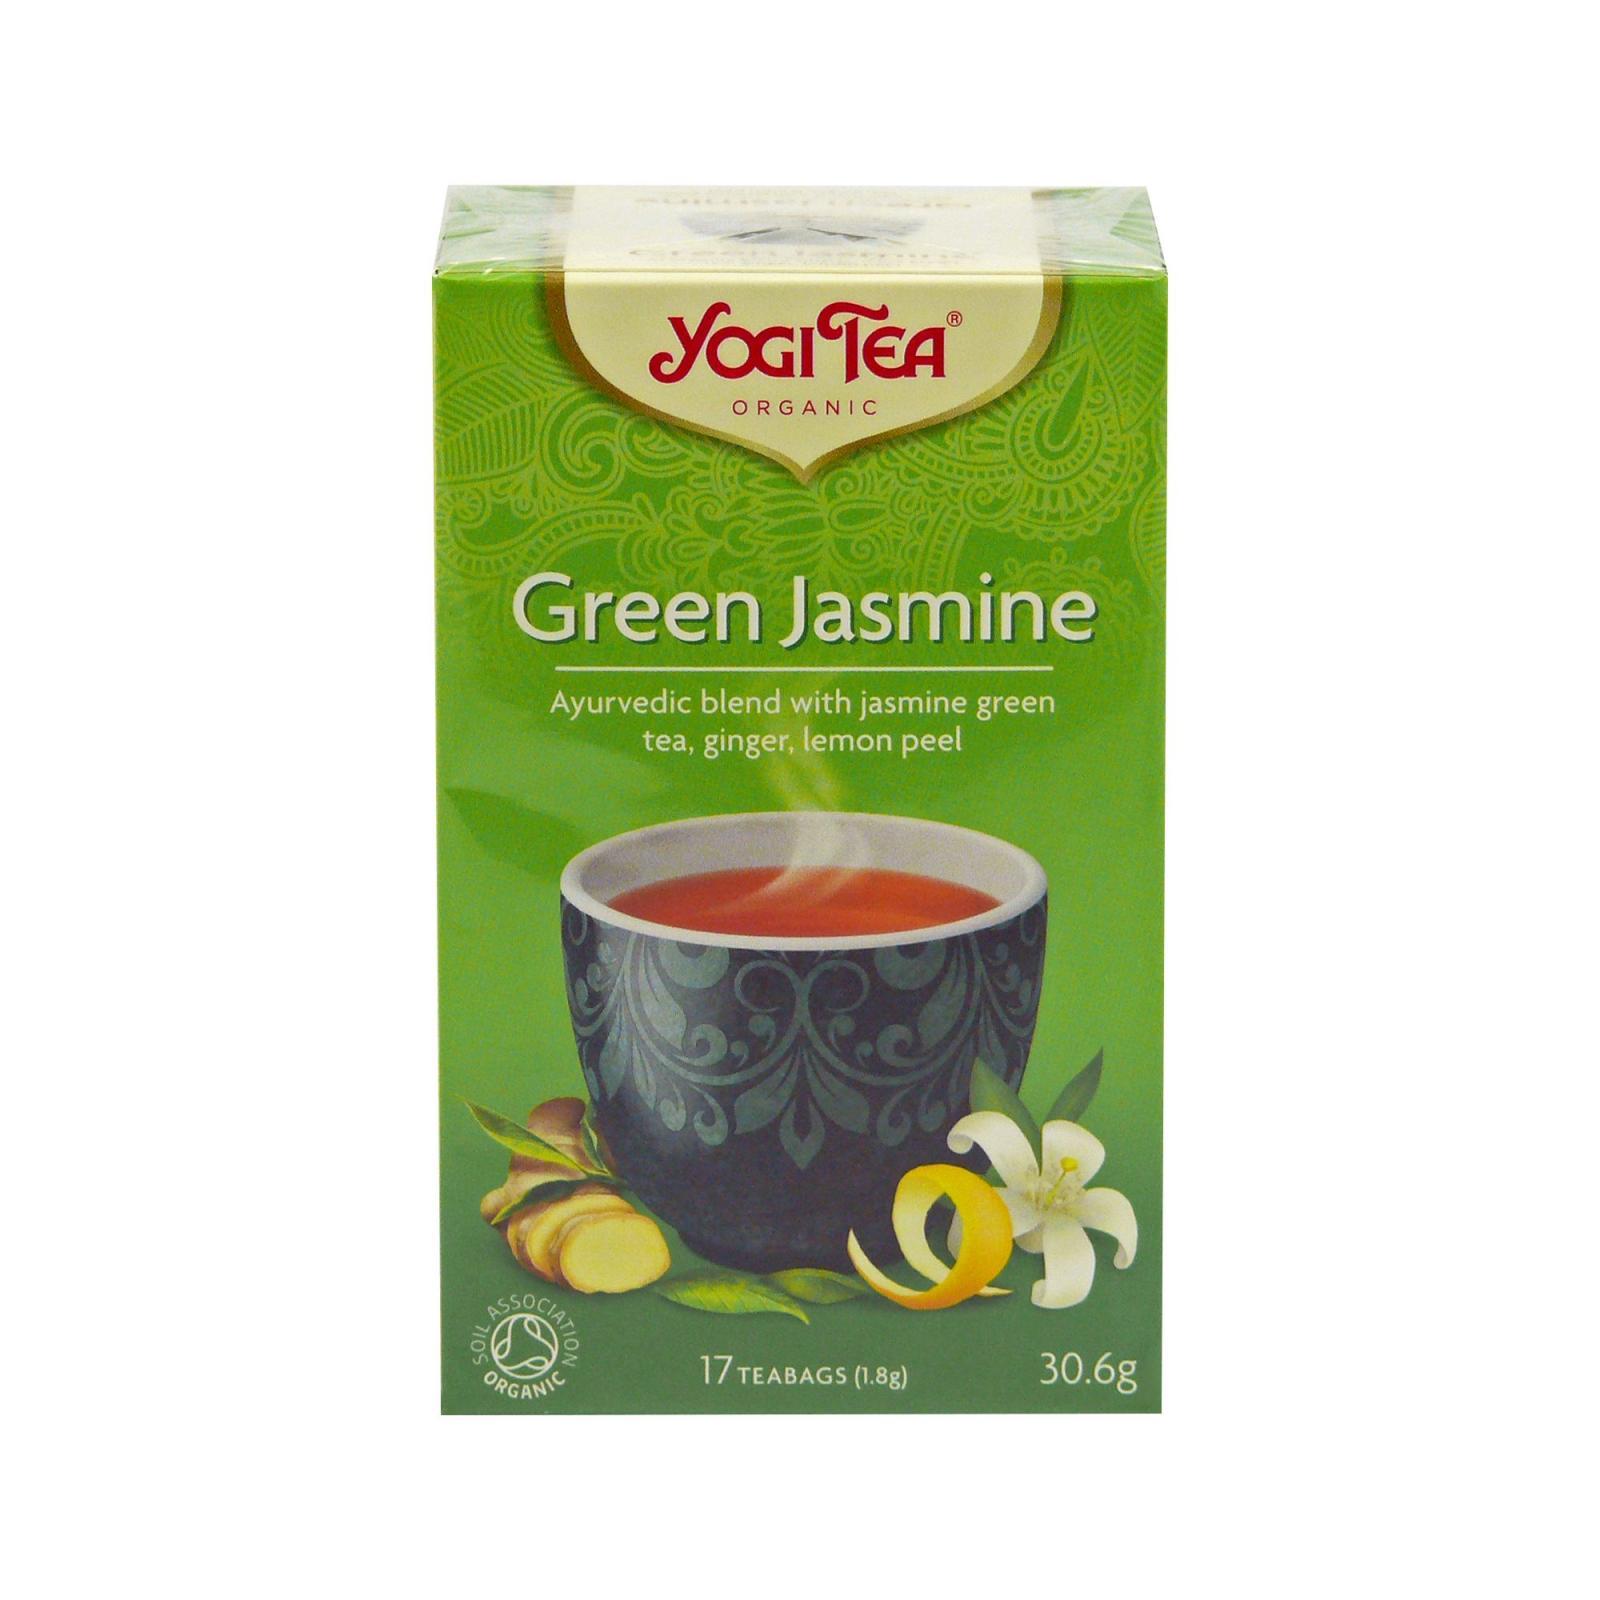 Golden Temple Čaj Yogitea Green Jasmine 17 ks, 30,6 g